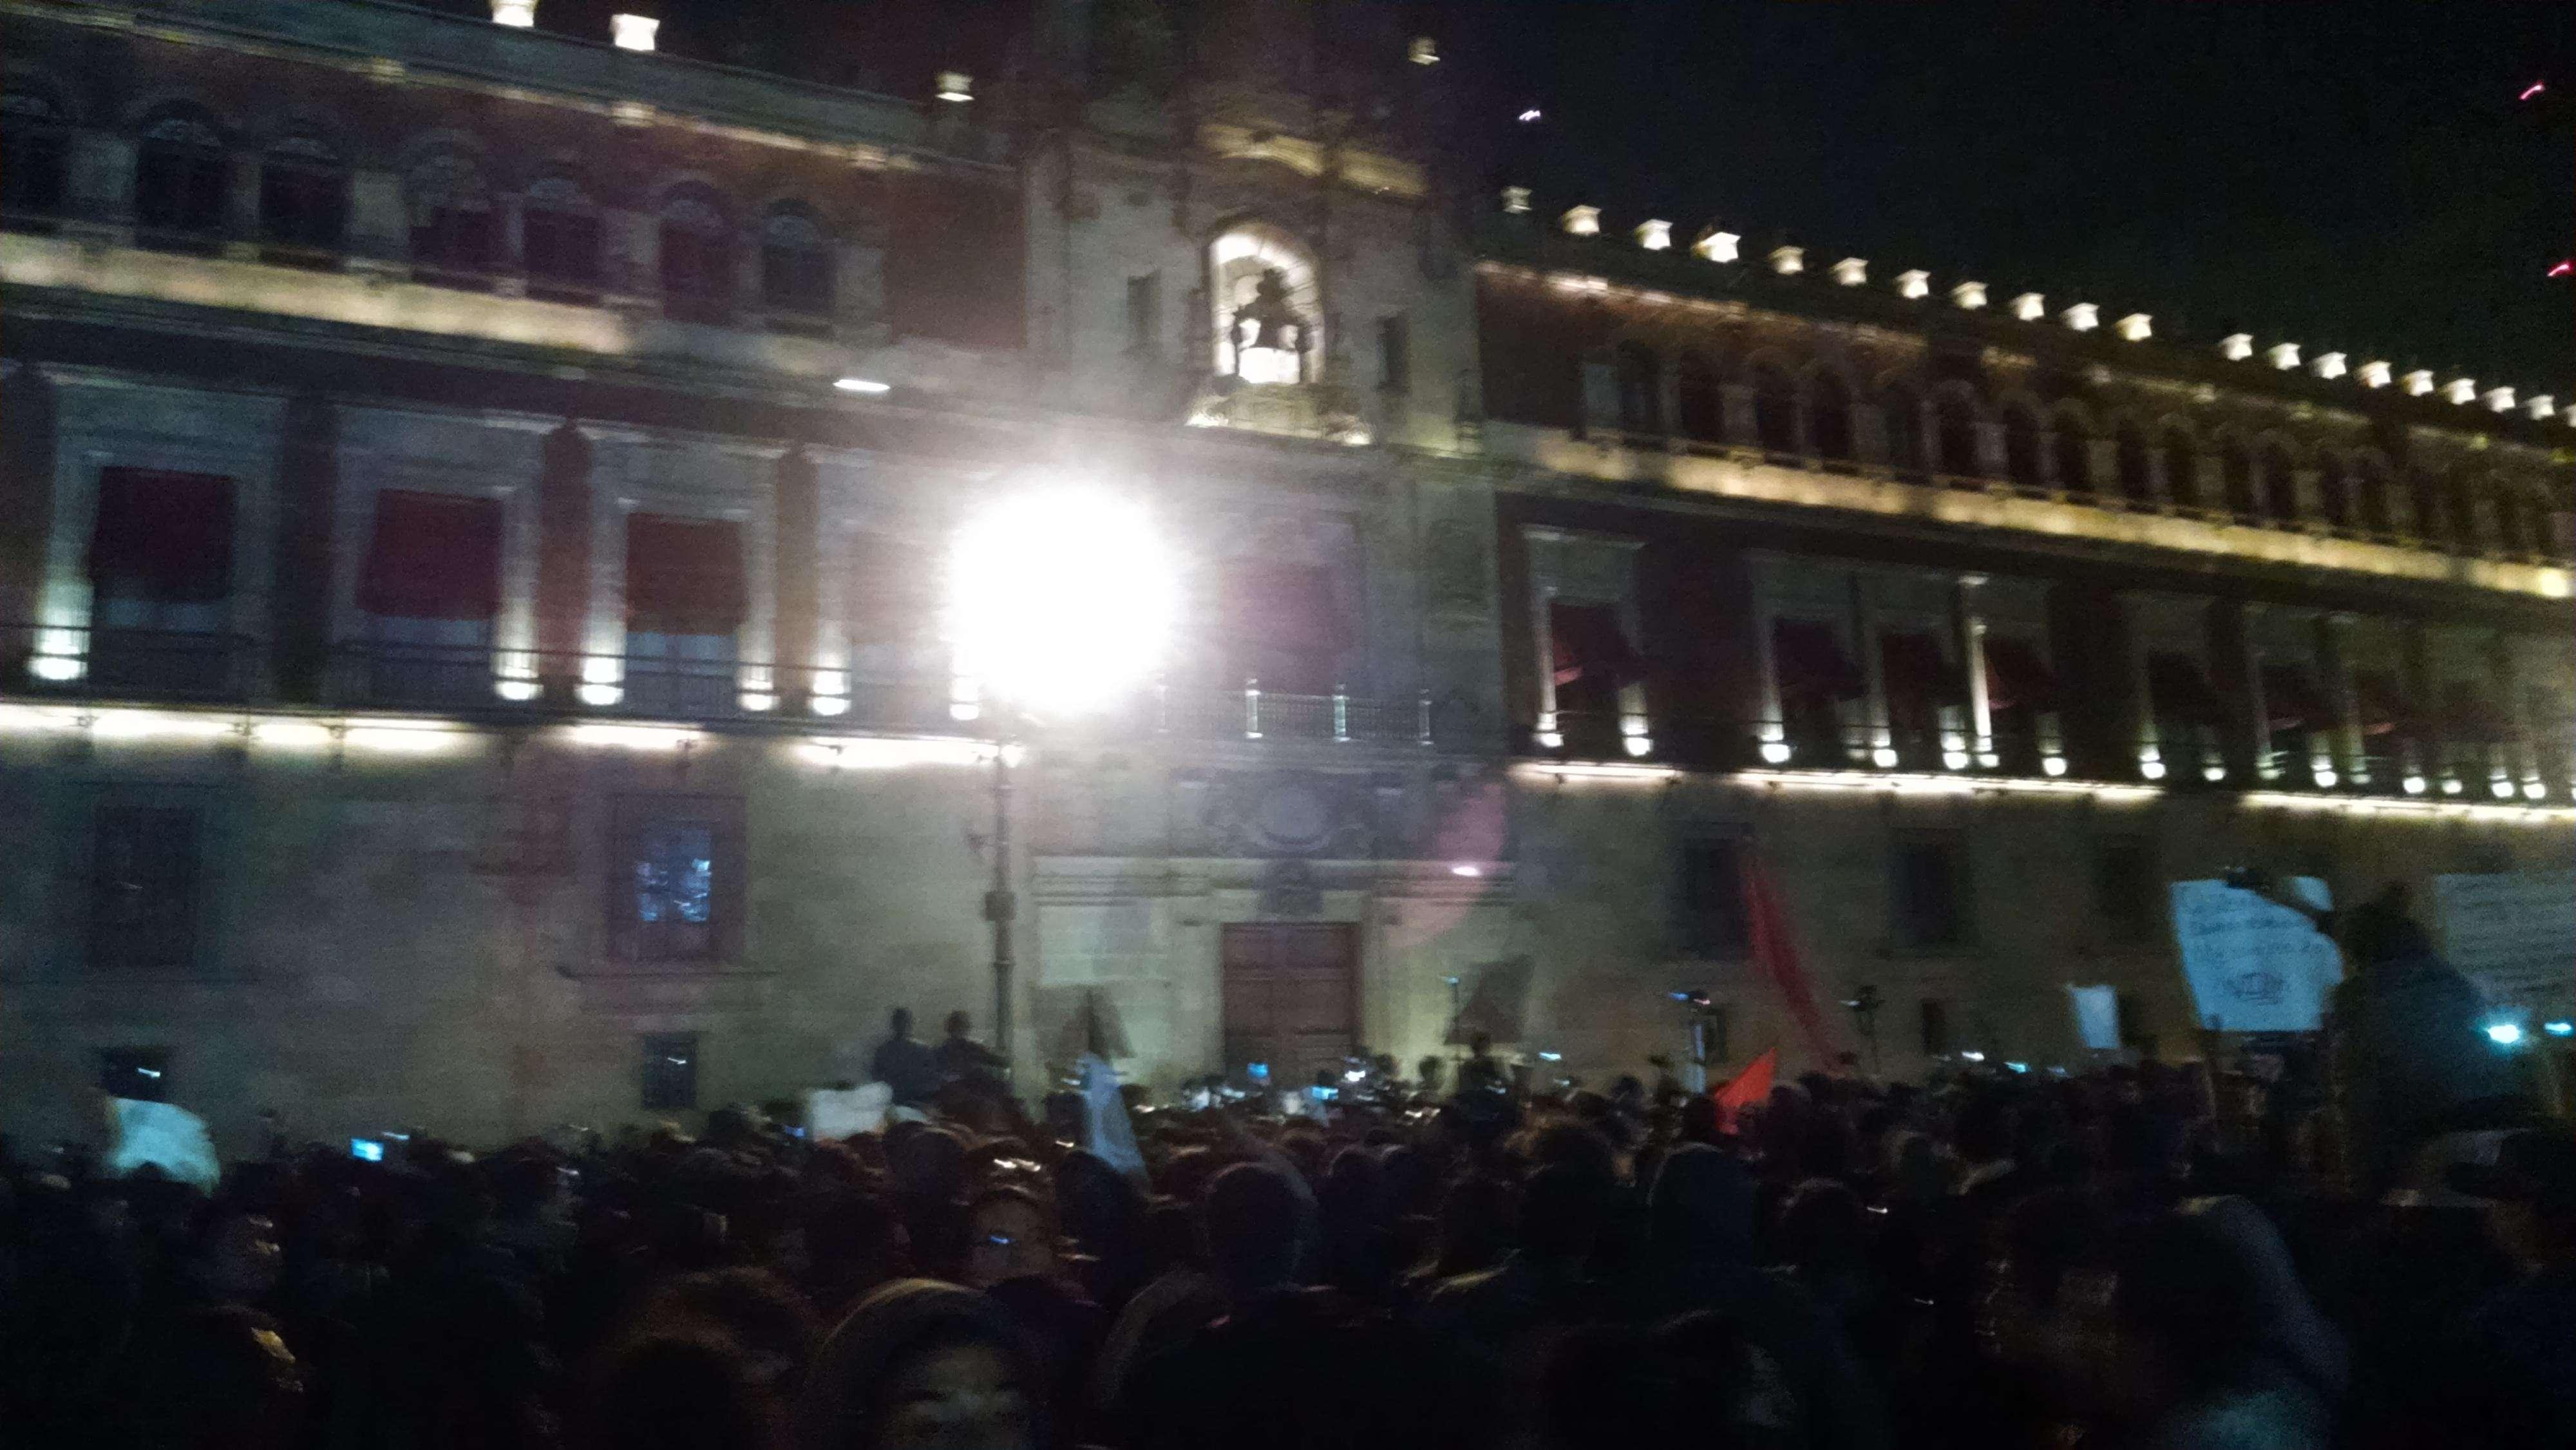 Los encapuchados lanzaron cohetones a Palacio Nacional antes del enfrentamiento con granaderos de la Policía Federal. Foto: Terra/Juan Solís